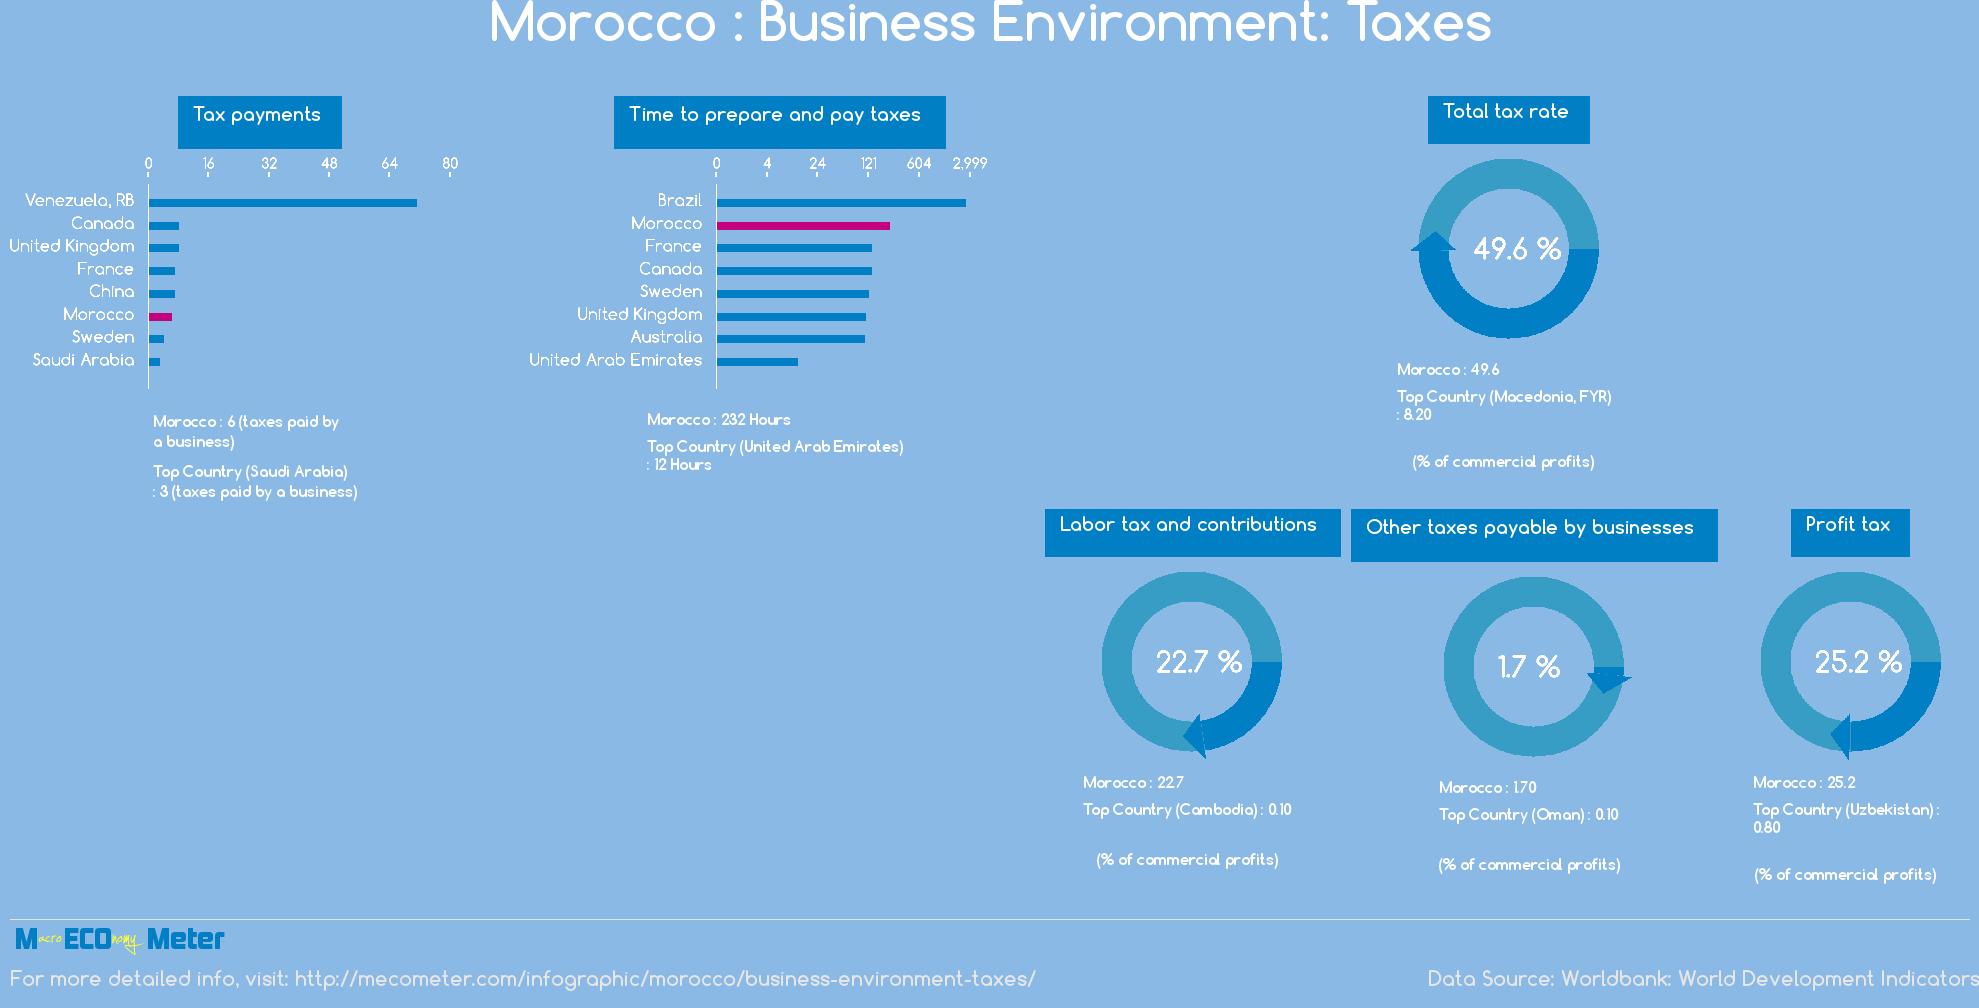 Morocco : Business Environment: Taxes